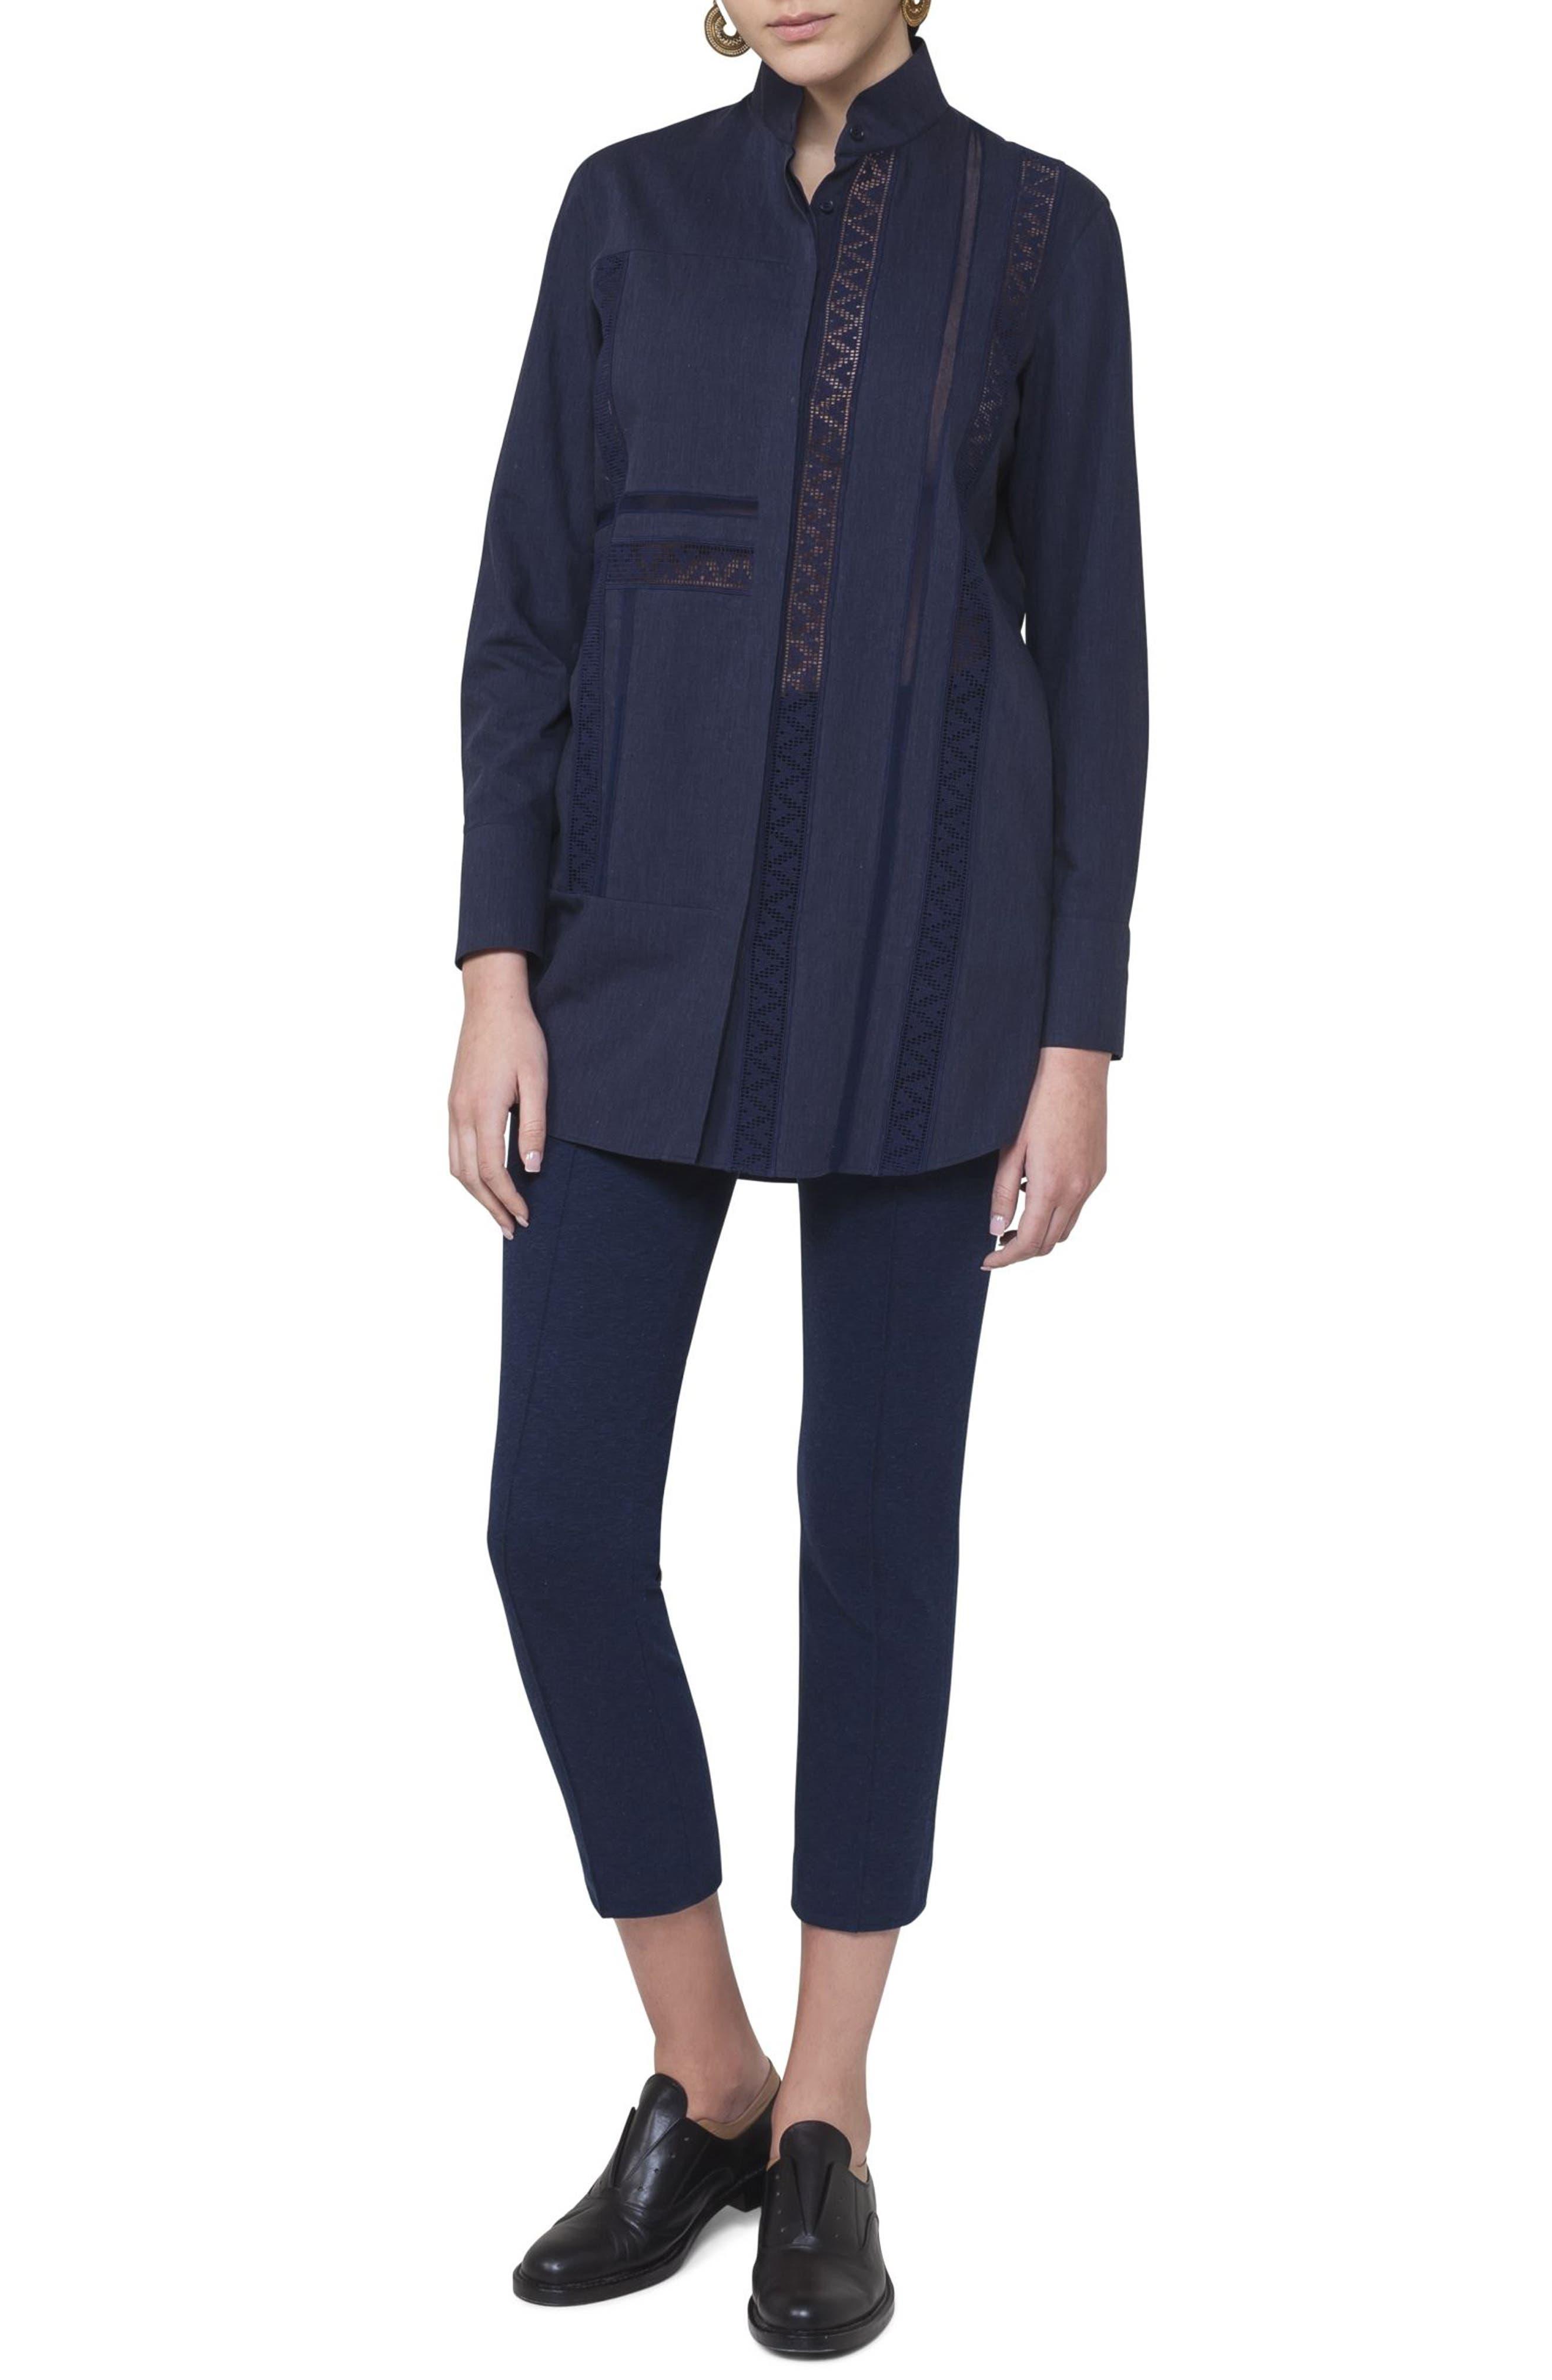 Lace Inset Cotton Blouse,                             Alternate thumbnail 3, color,                             Blue Denim